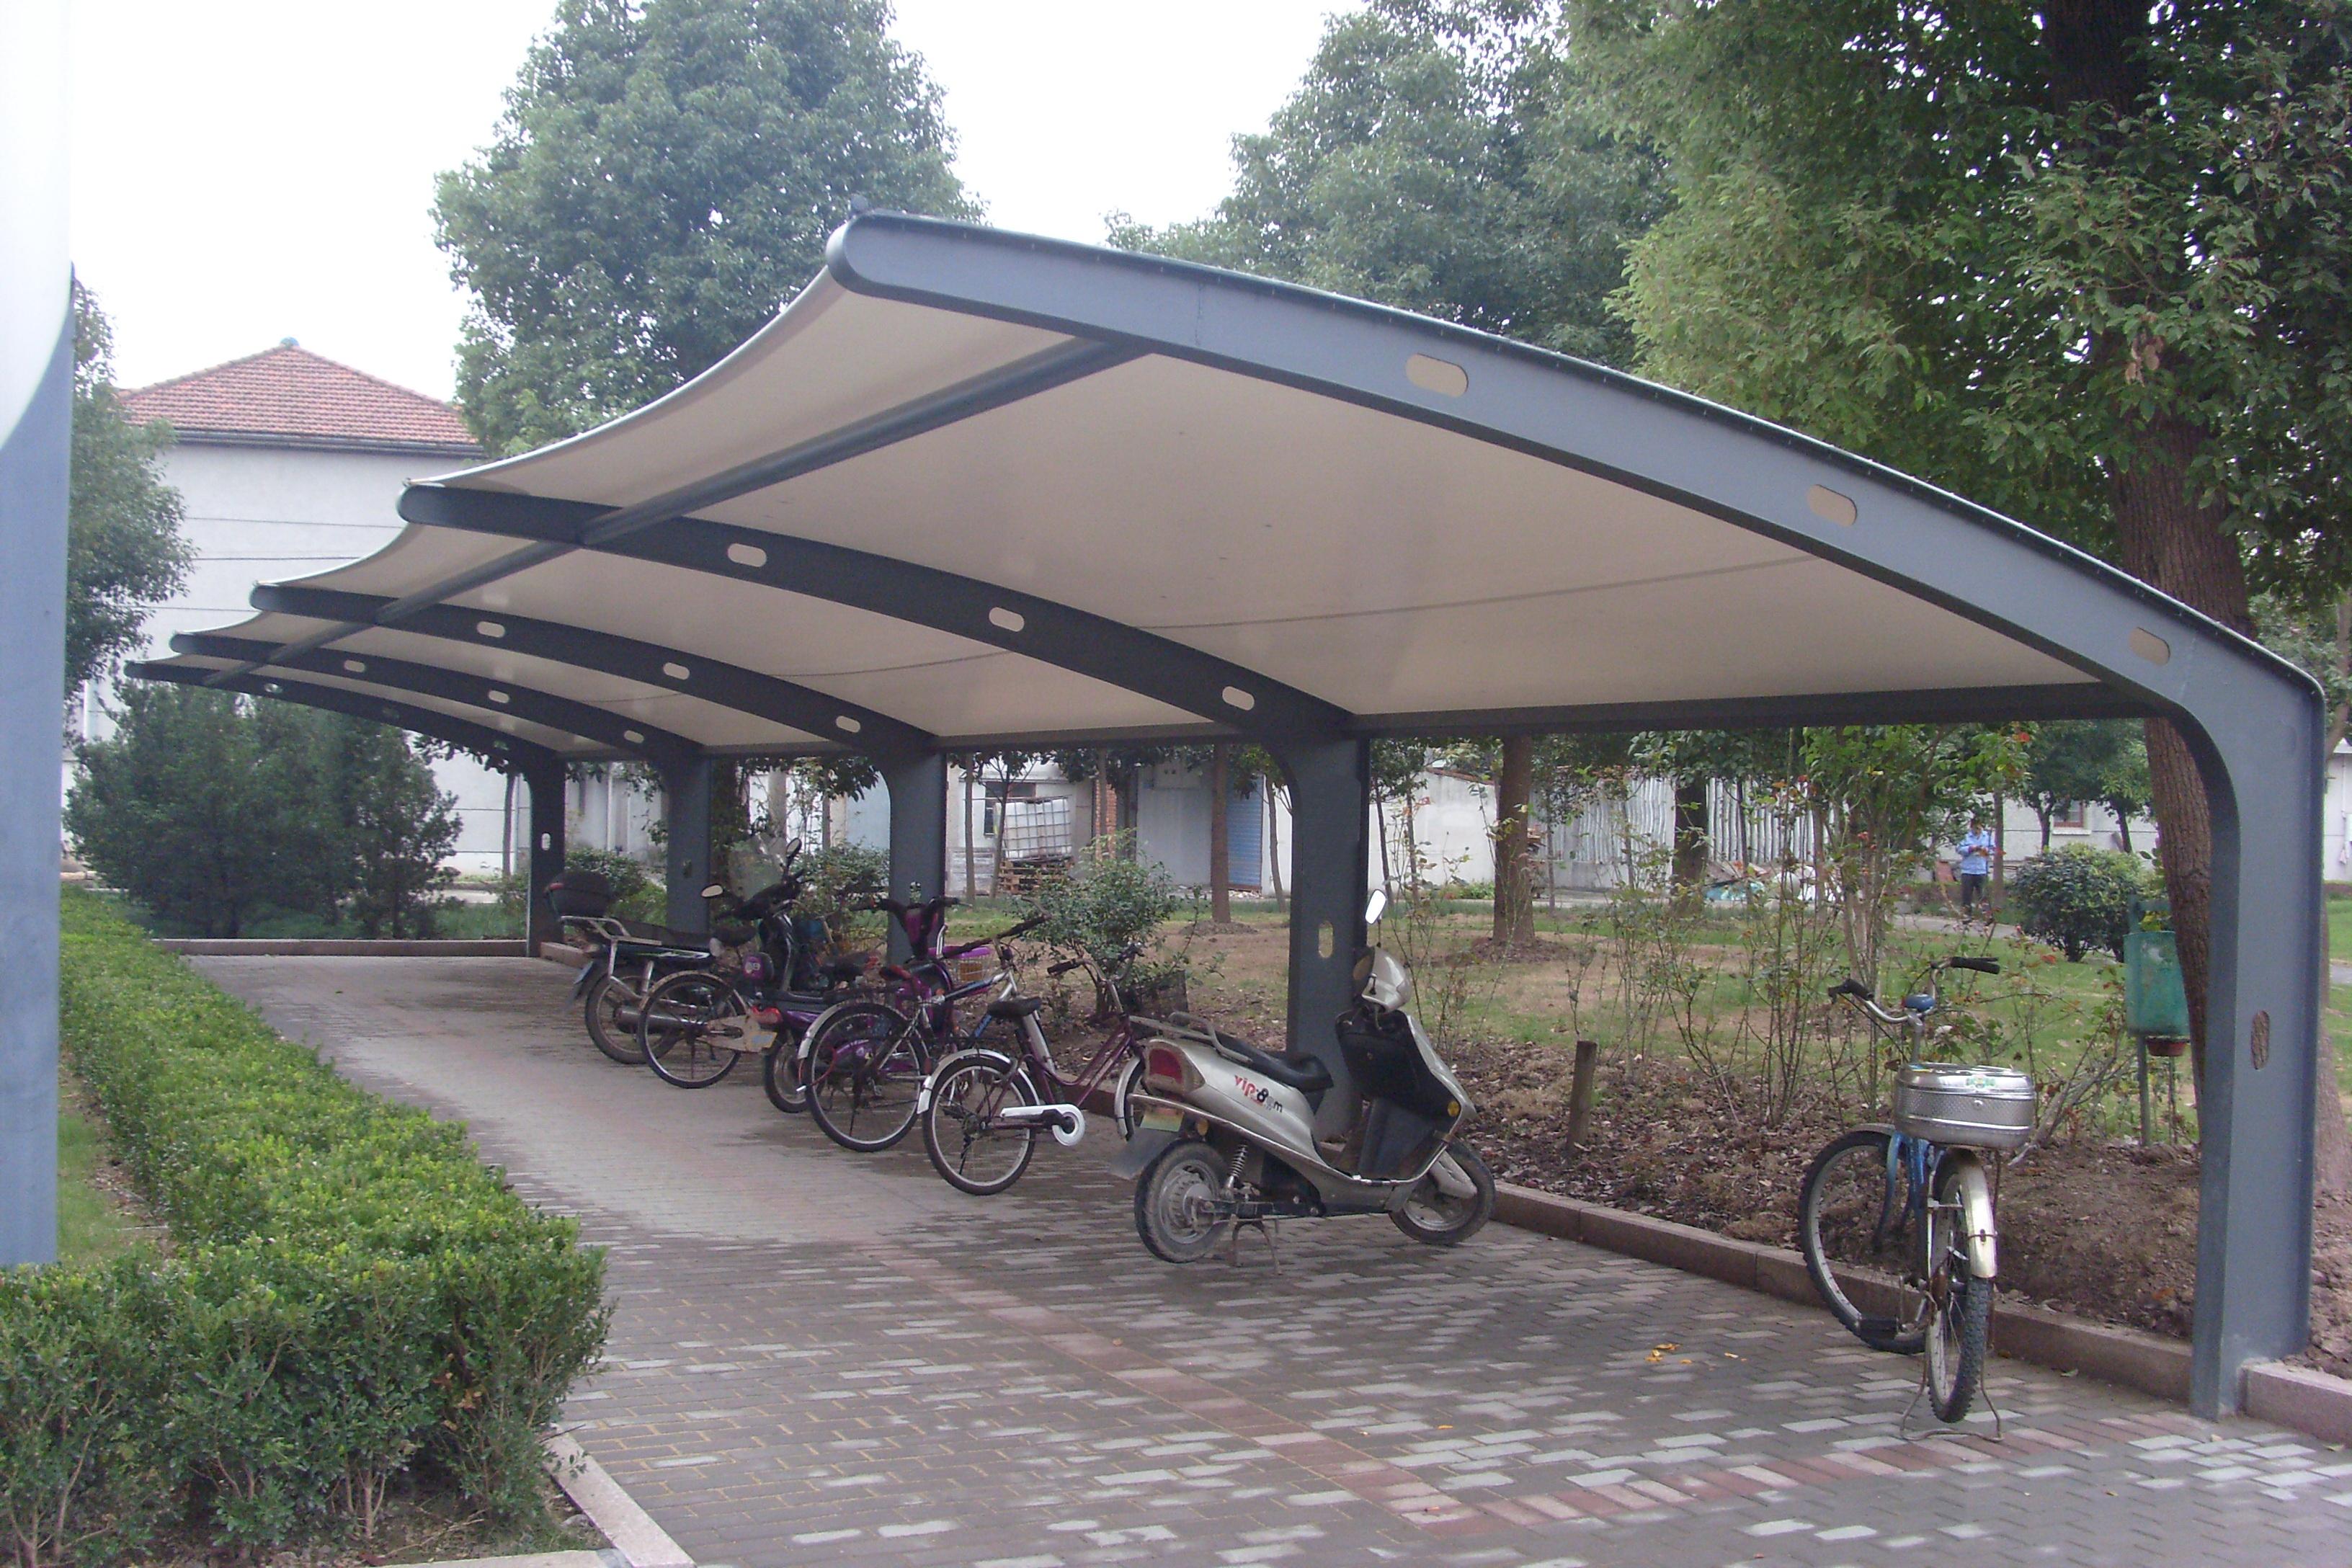 充电自行车棚 自行车棚 车棚产品演示图3